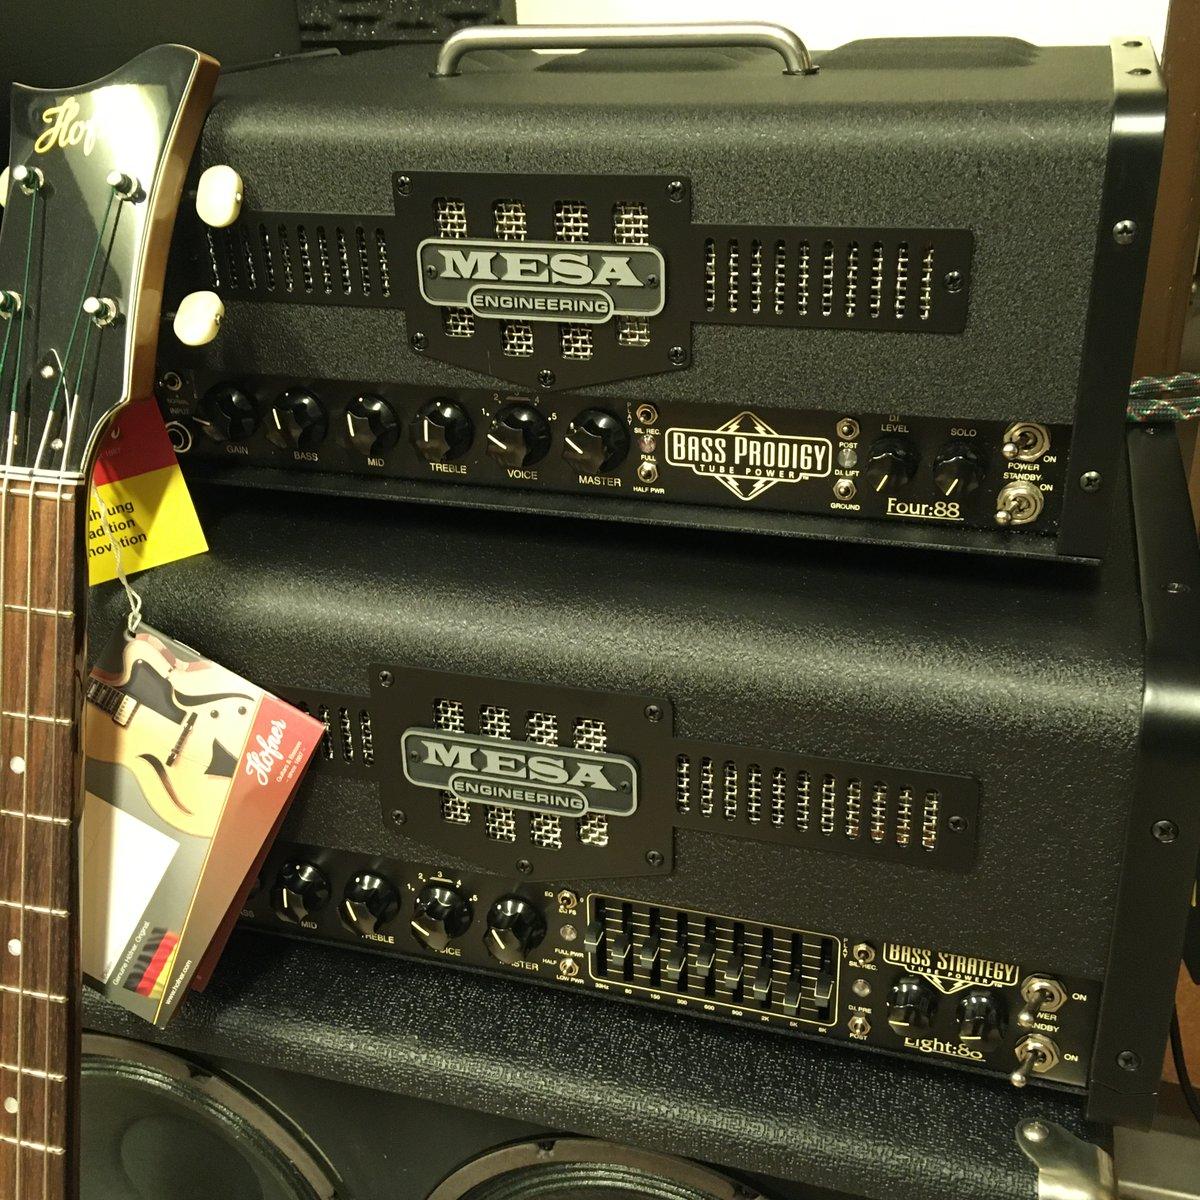 なんと!!この二台が並ぶのは稀です。 #ポールマッカートニー が近年のライブ用アンプとして使用している #MesaBoogie  Bass Strategy Head、さらに最新のMcCartney IIIのレコーディングにも使用されているという Bass Prodigy Head が超美品USEDにて!! 詳細は近日。 #McCartneyIII #PaulMcCartney